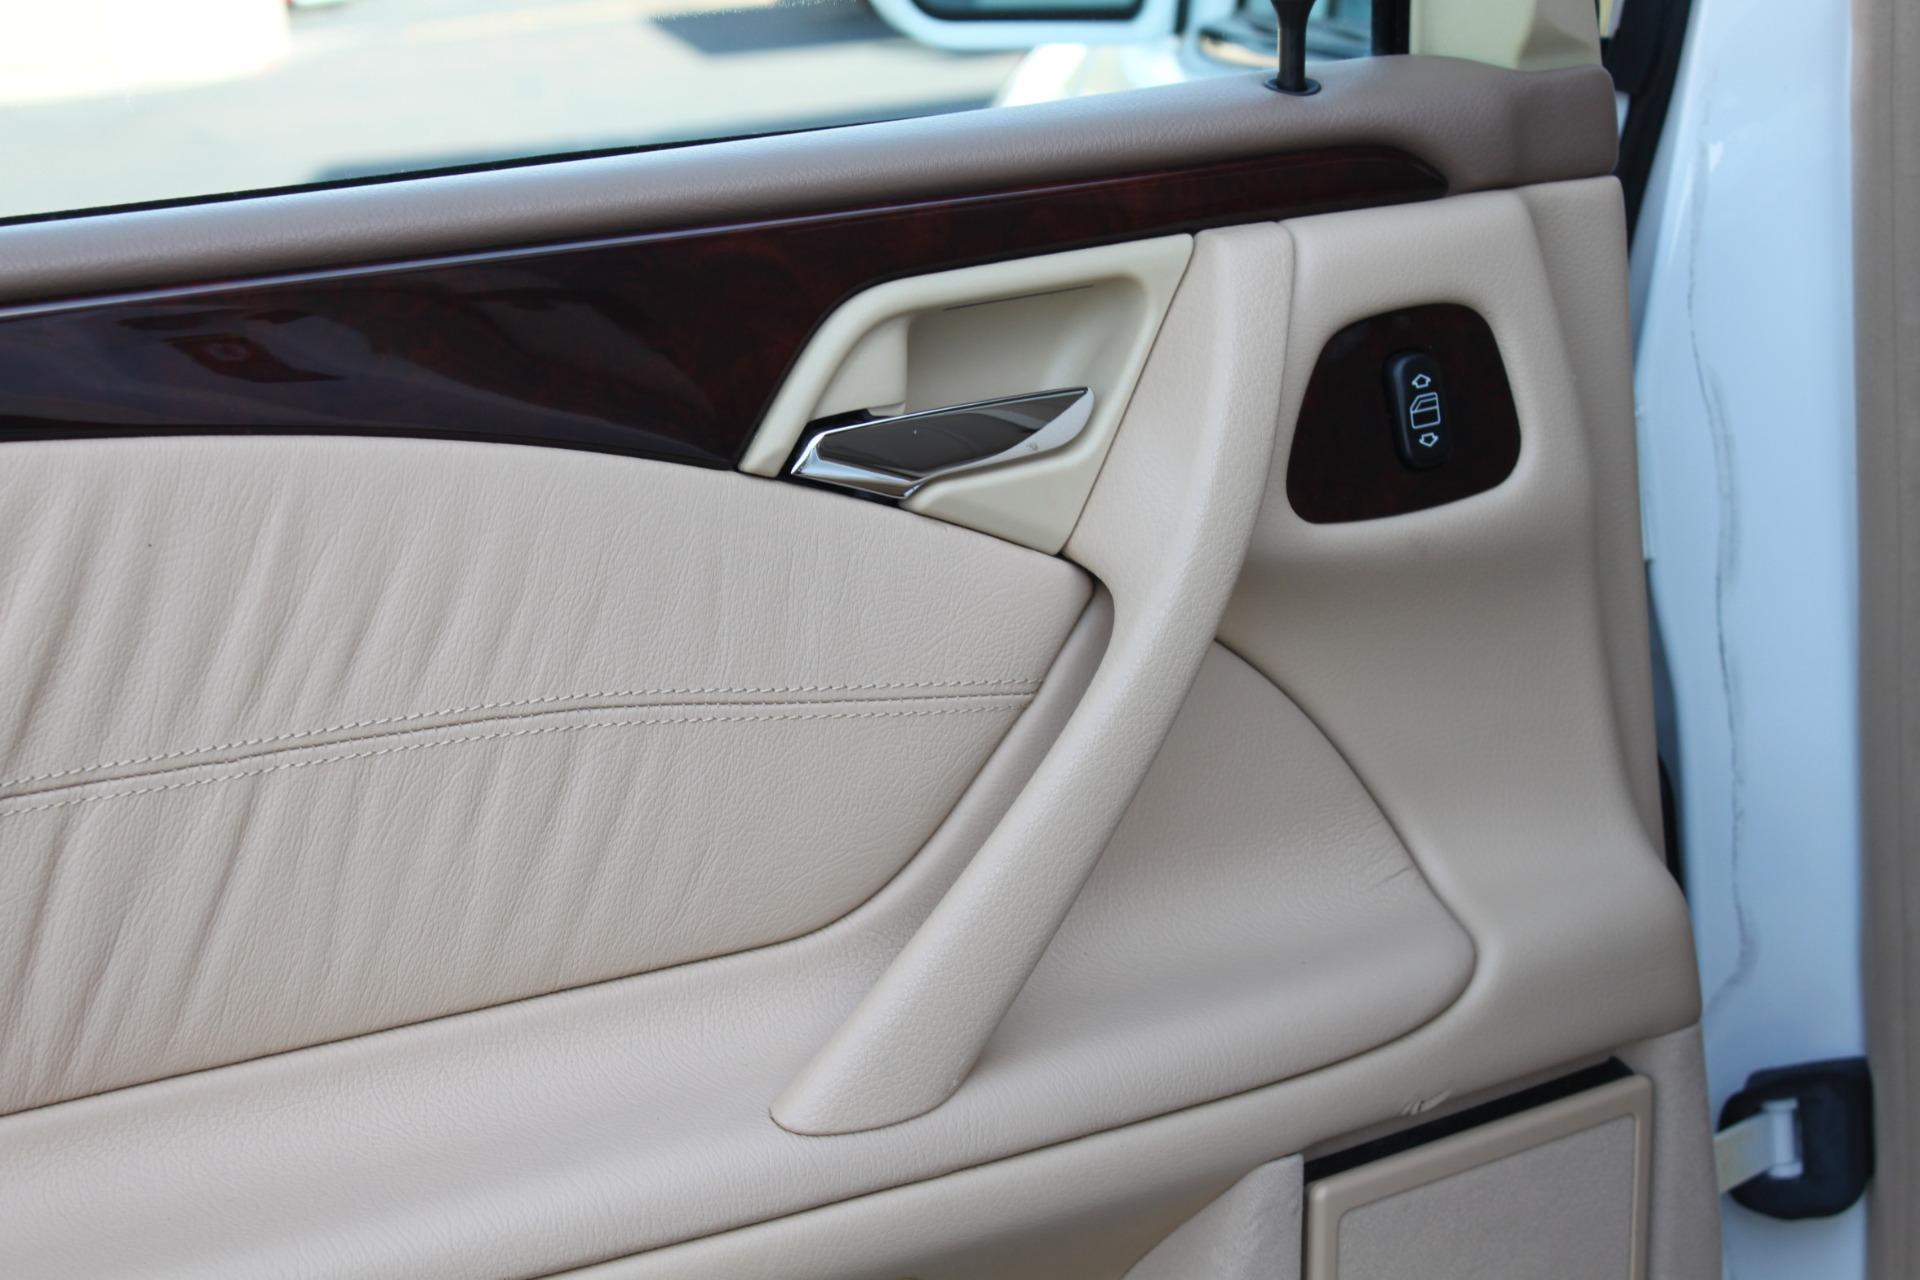 Used-2000-Mercedes-Benz-E-Class-Audi